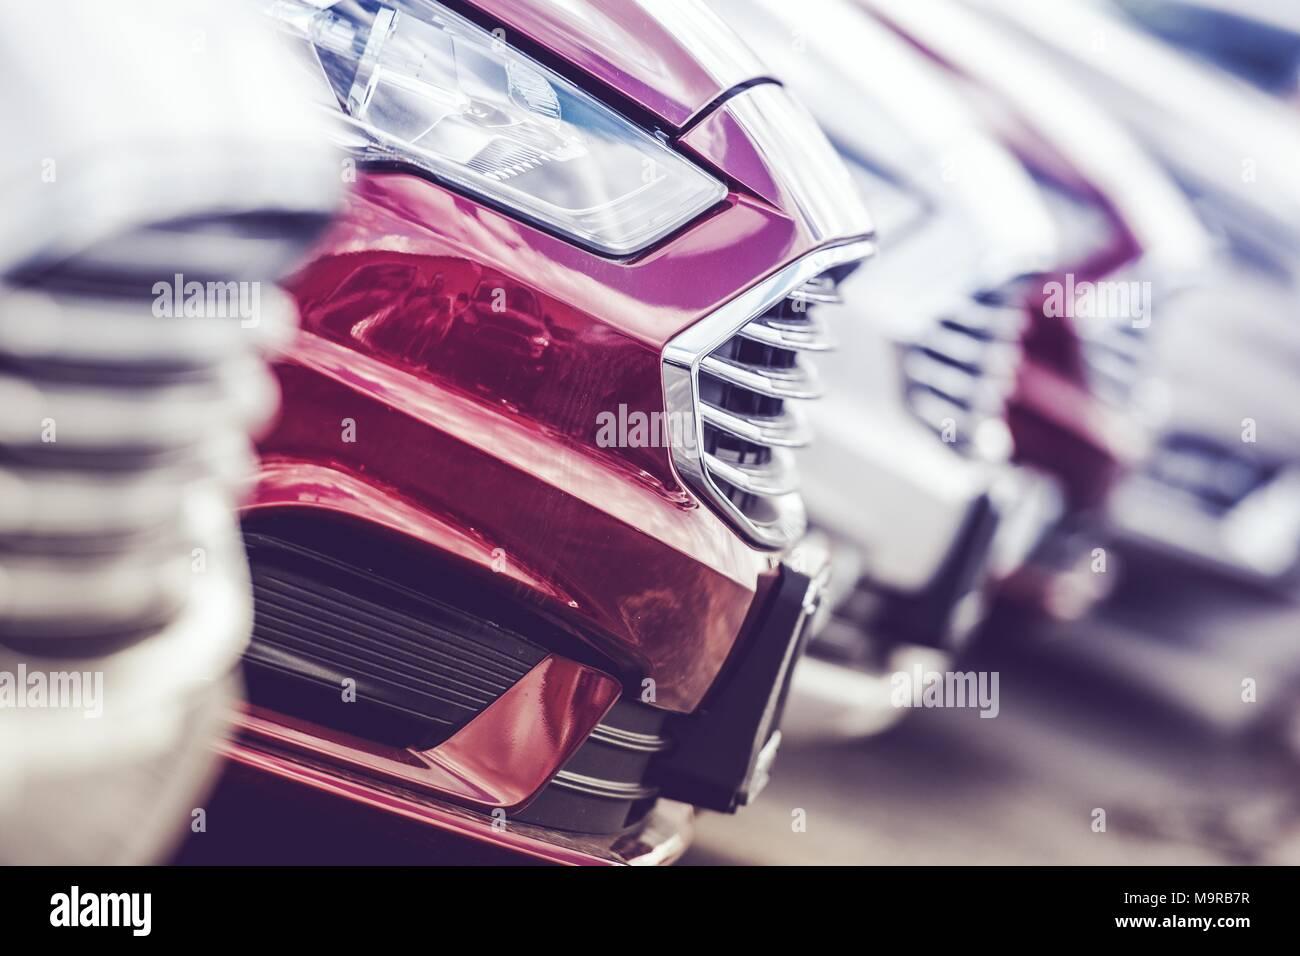 Automobilindustrie Konzept. Neue Autos. Neue Fahrzeuge im Werk. Stockbild